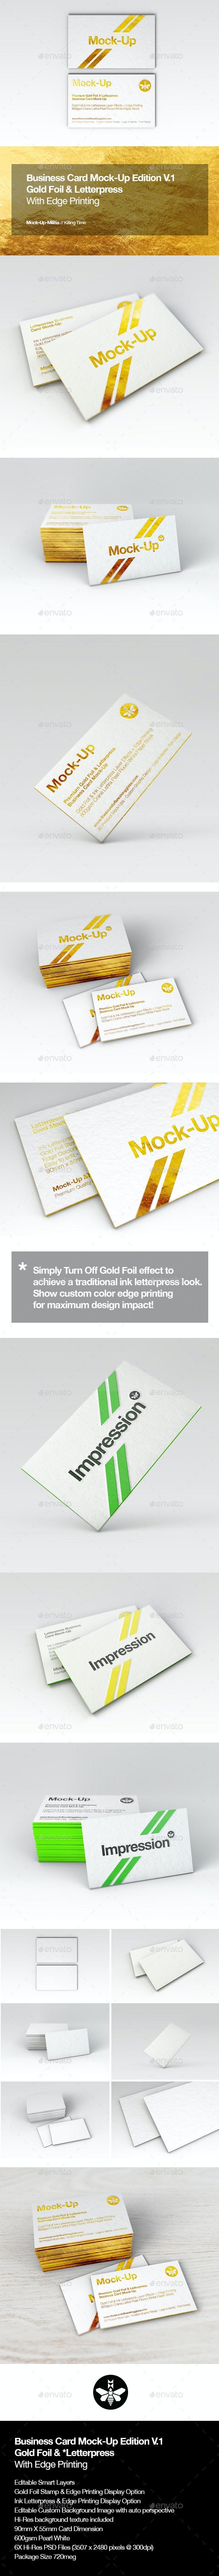 Luxury Gold Foil & Ink Letterpress Business Card Mock-Up - Business Cards Print